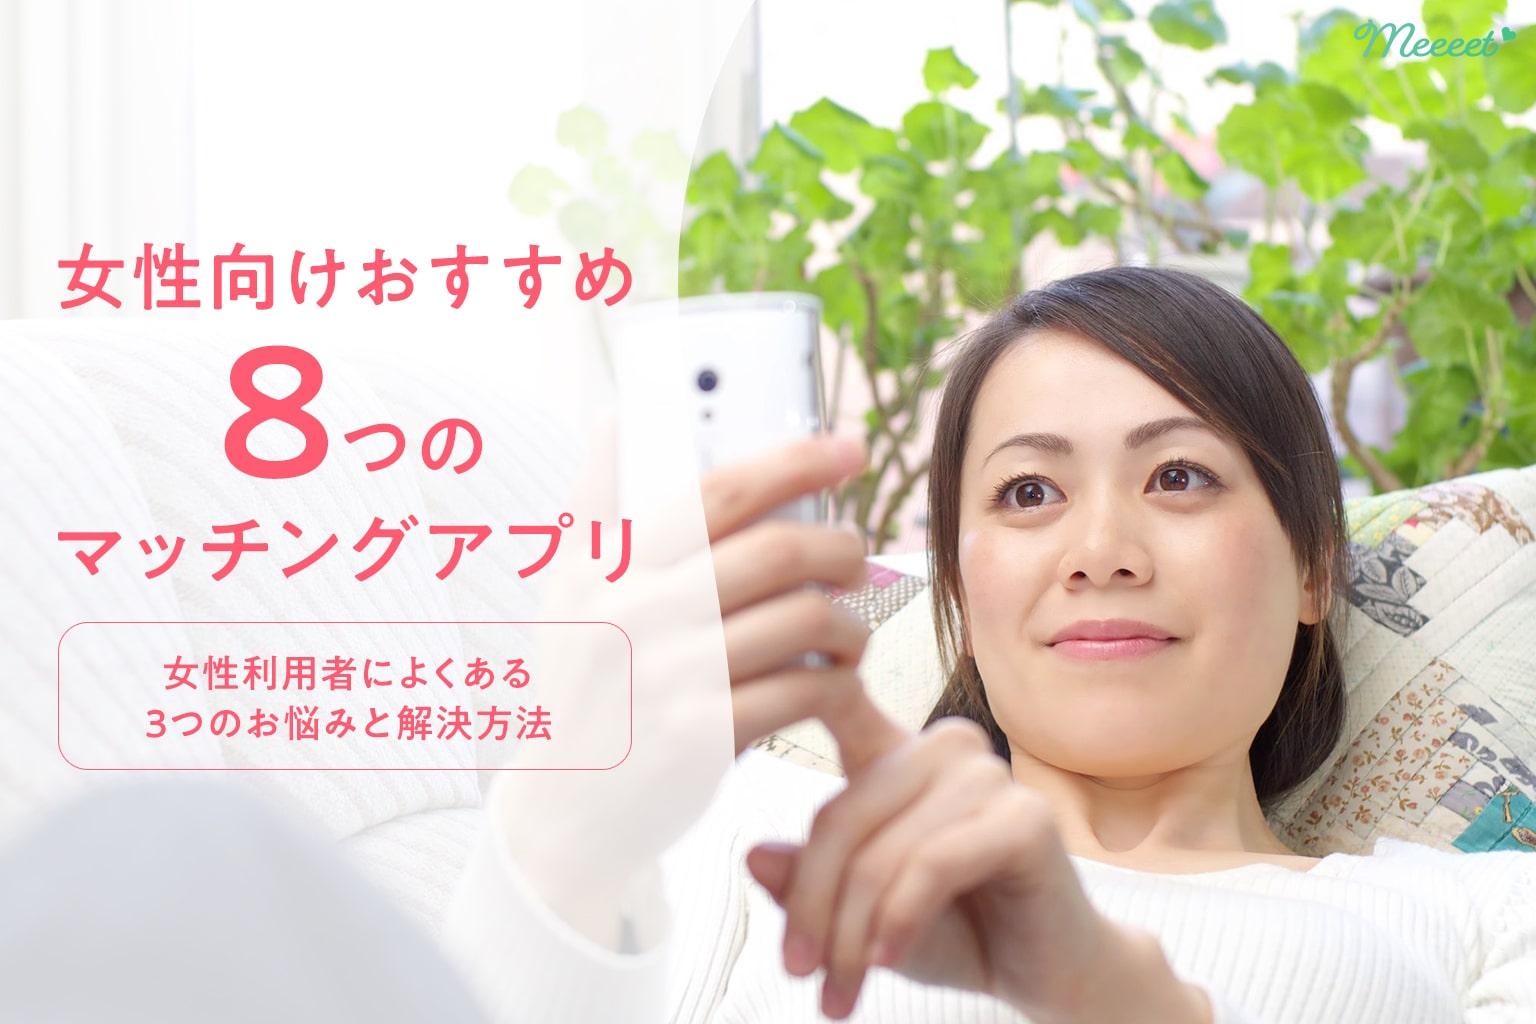 女性向けマッチングアプリ